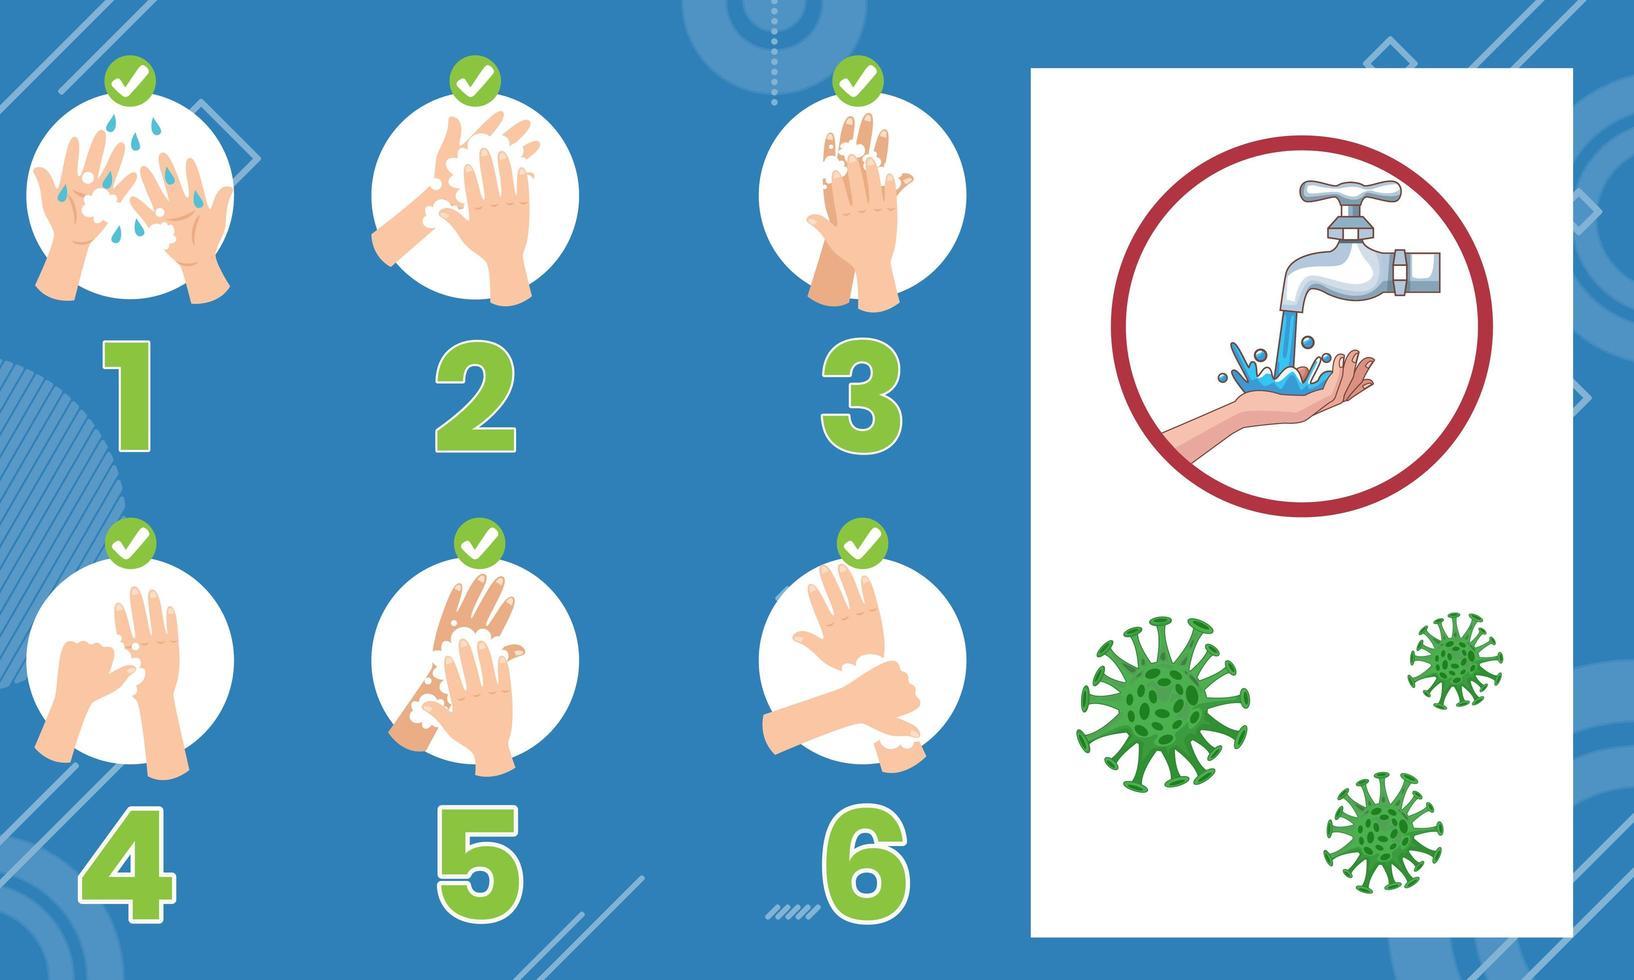 come lavarsi le mani infografica vettore